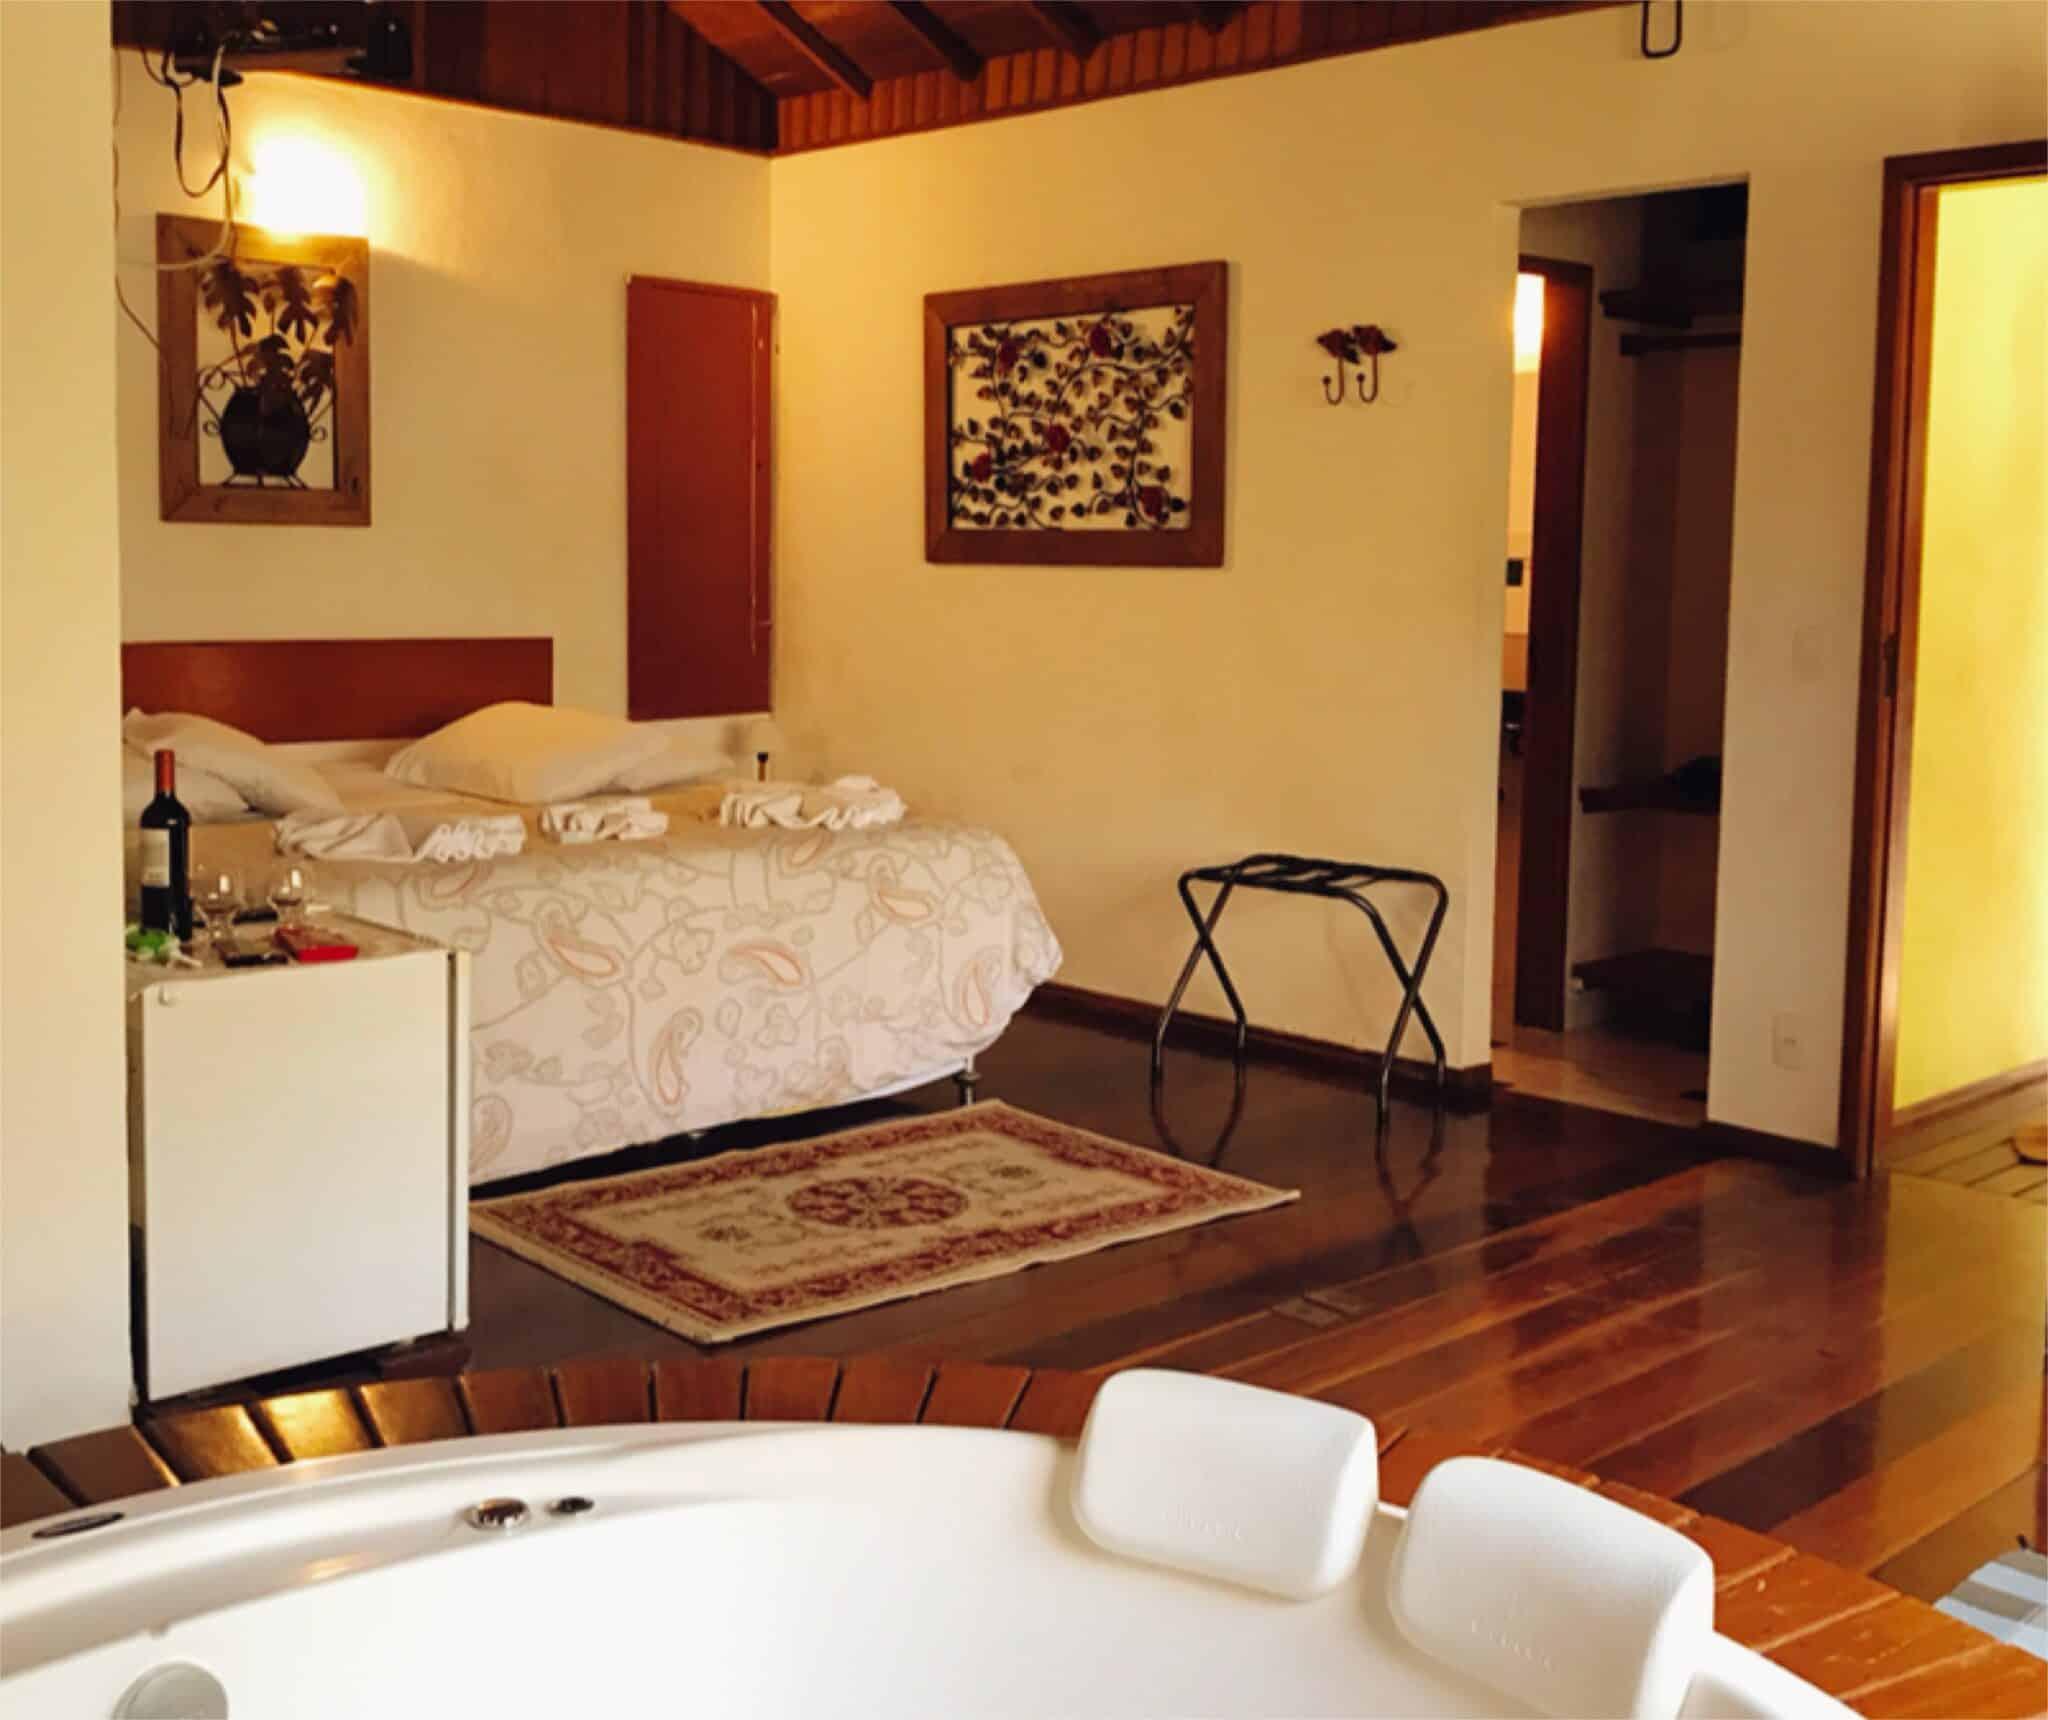 Chalé com banheira e cama king da pousada em Visconde de Mauá